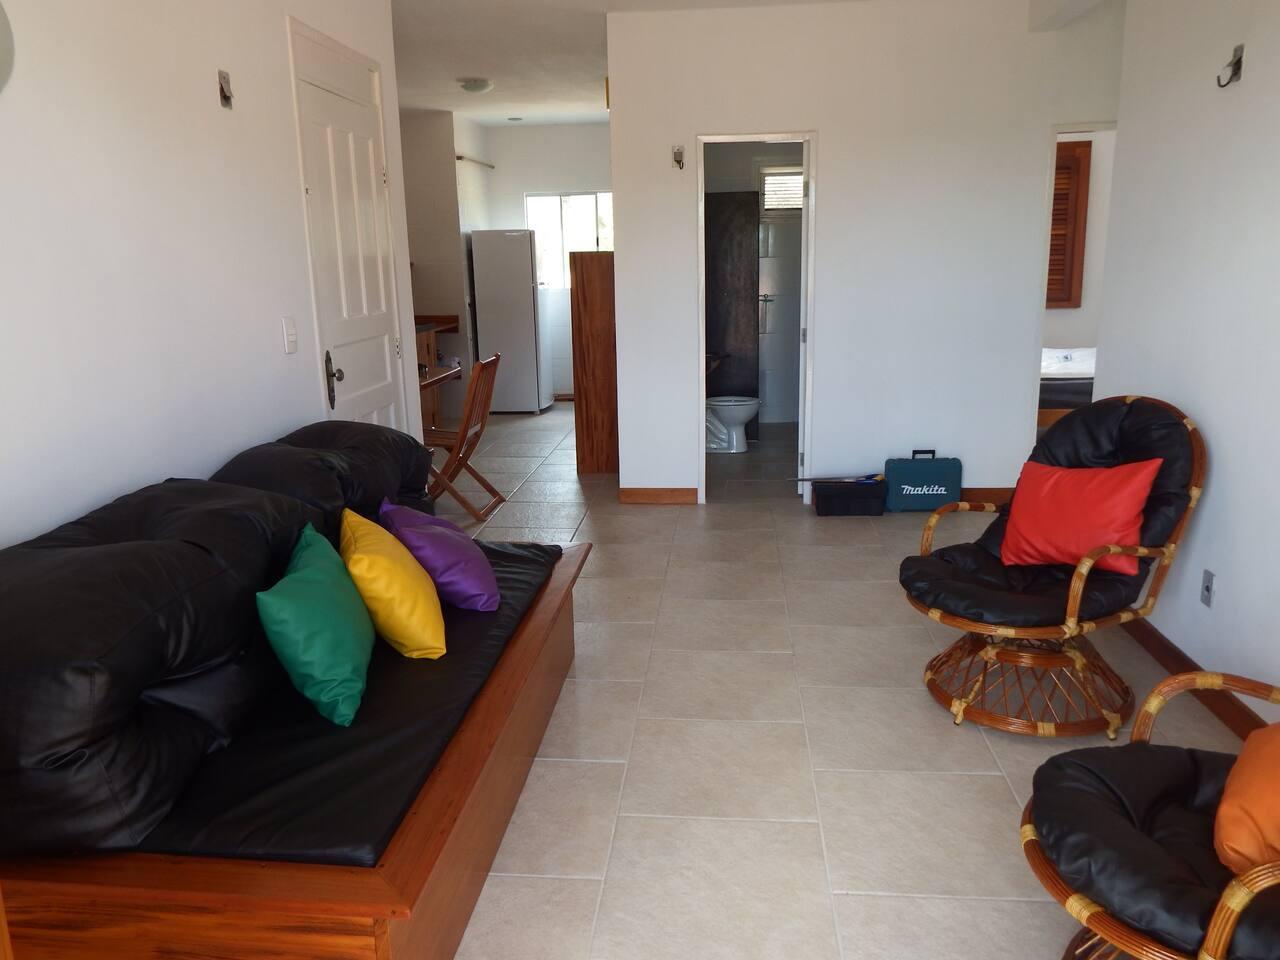 sala bem ventilada com varanda, 1 sofá, 2 poltronas